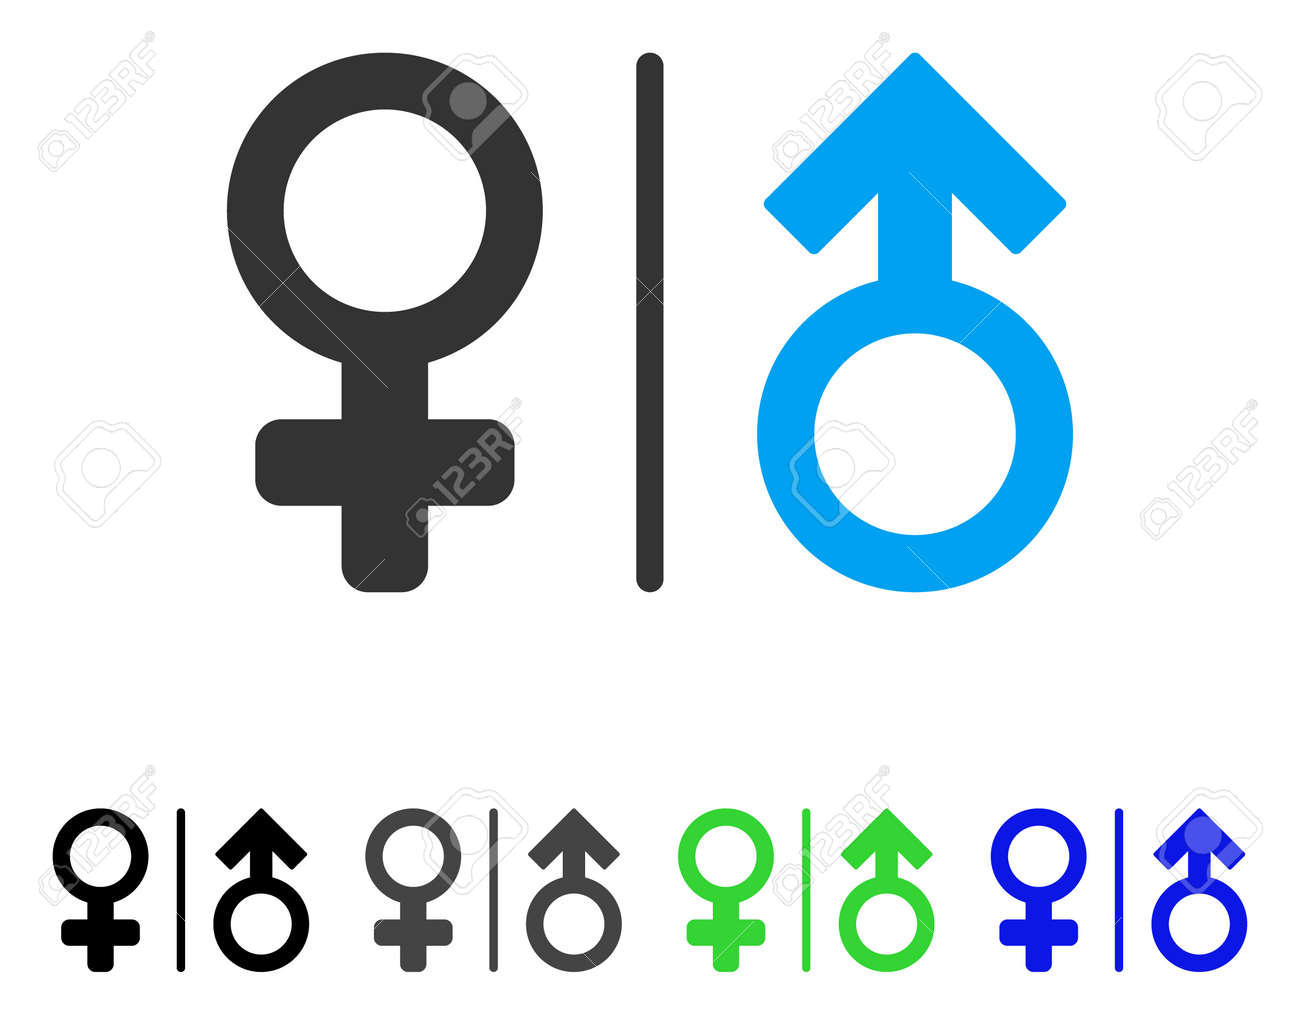 Wc Gender Symbols Flat Vector Illustration Colored Wc Gender